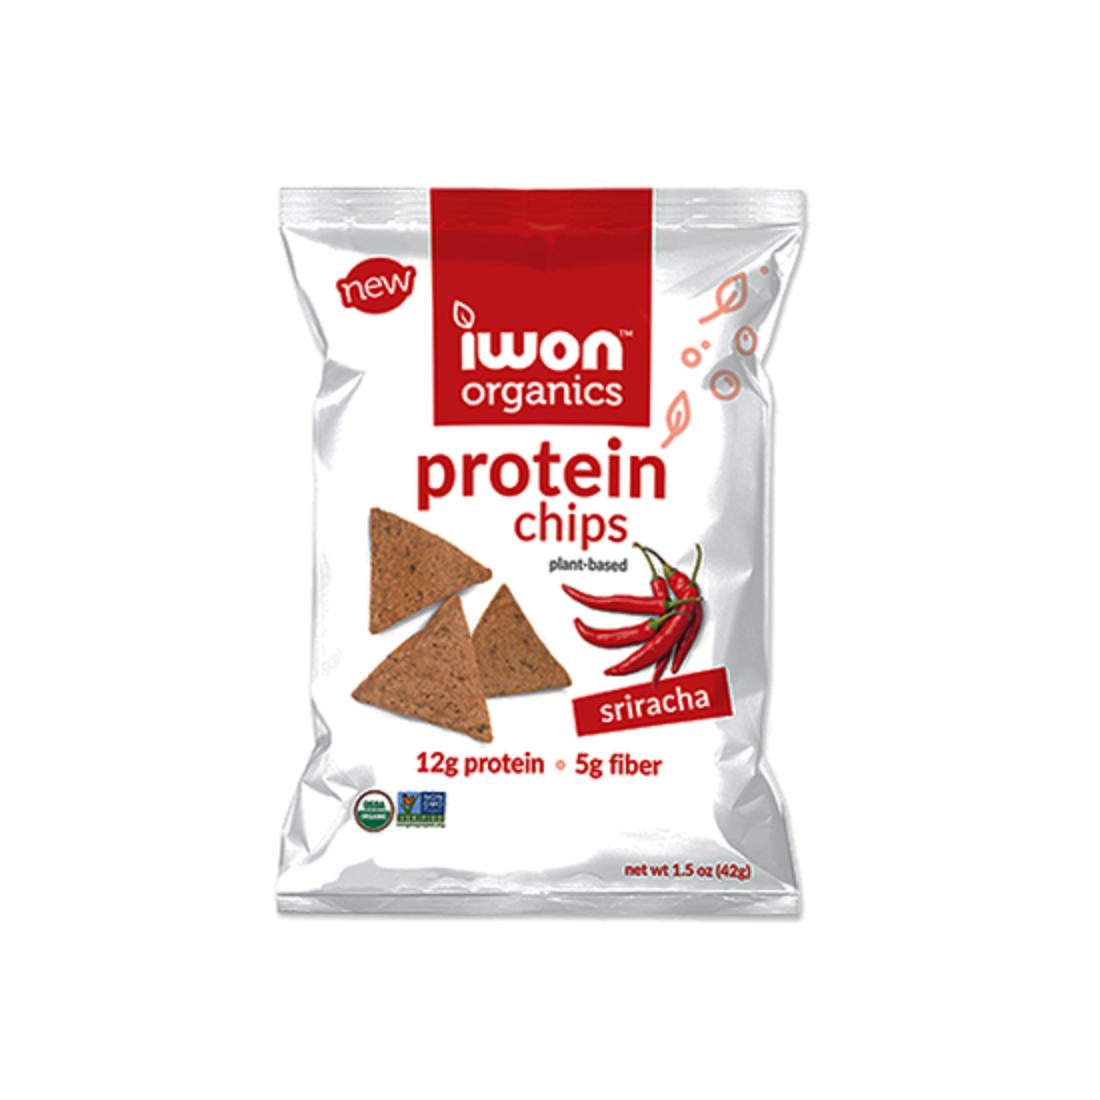 Snack bổ sung protein hữu cơ Iwon (42g) vị ớt Sriracha-Thế giới